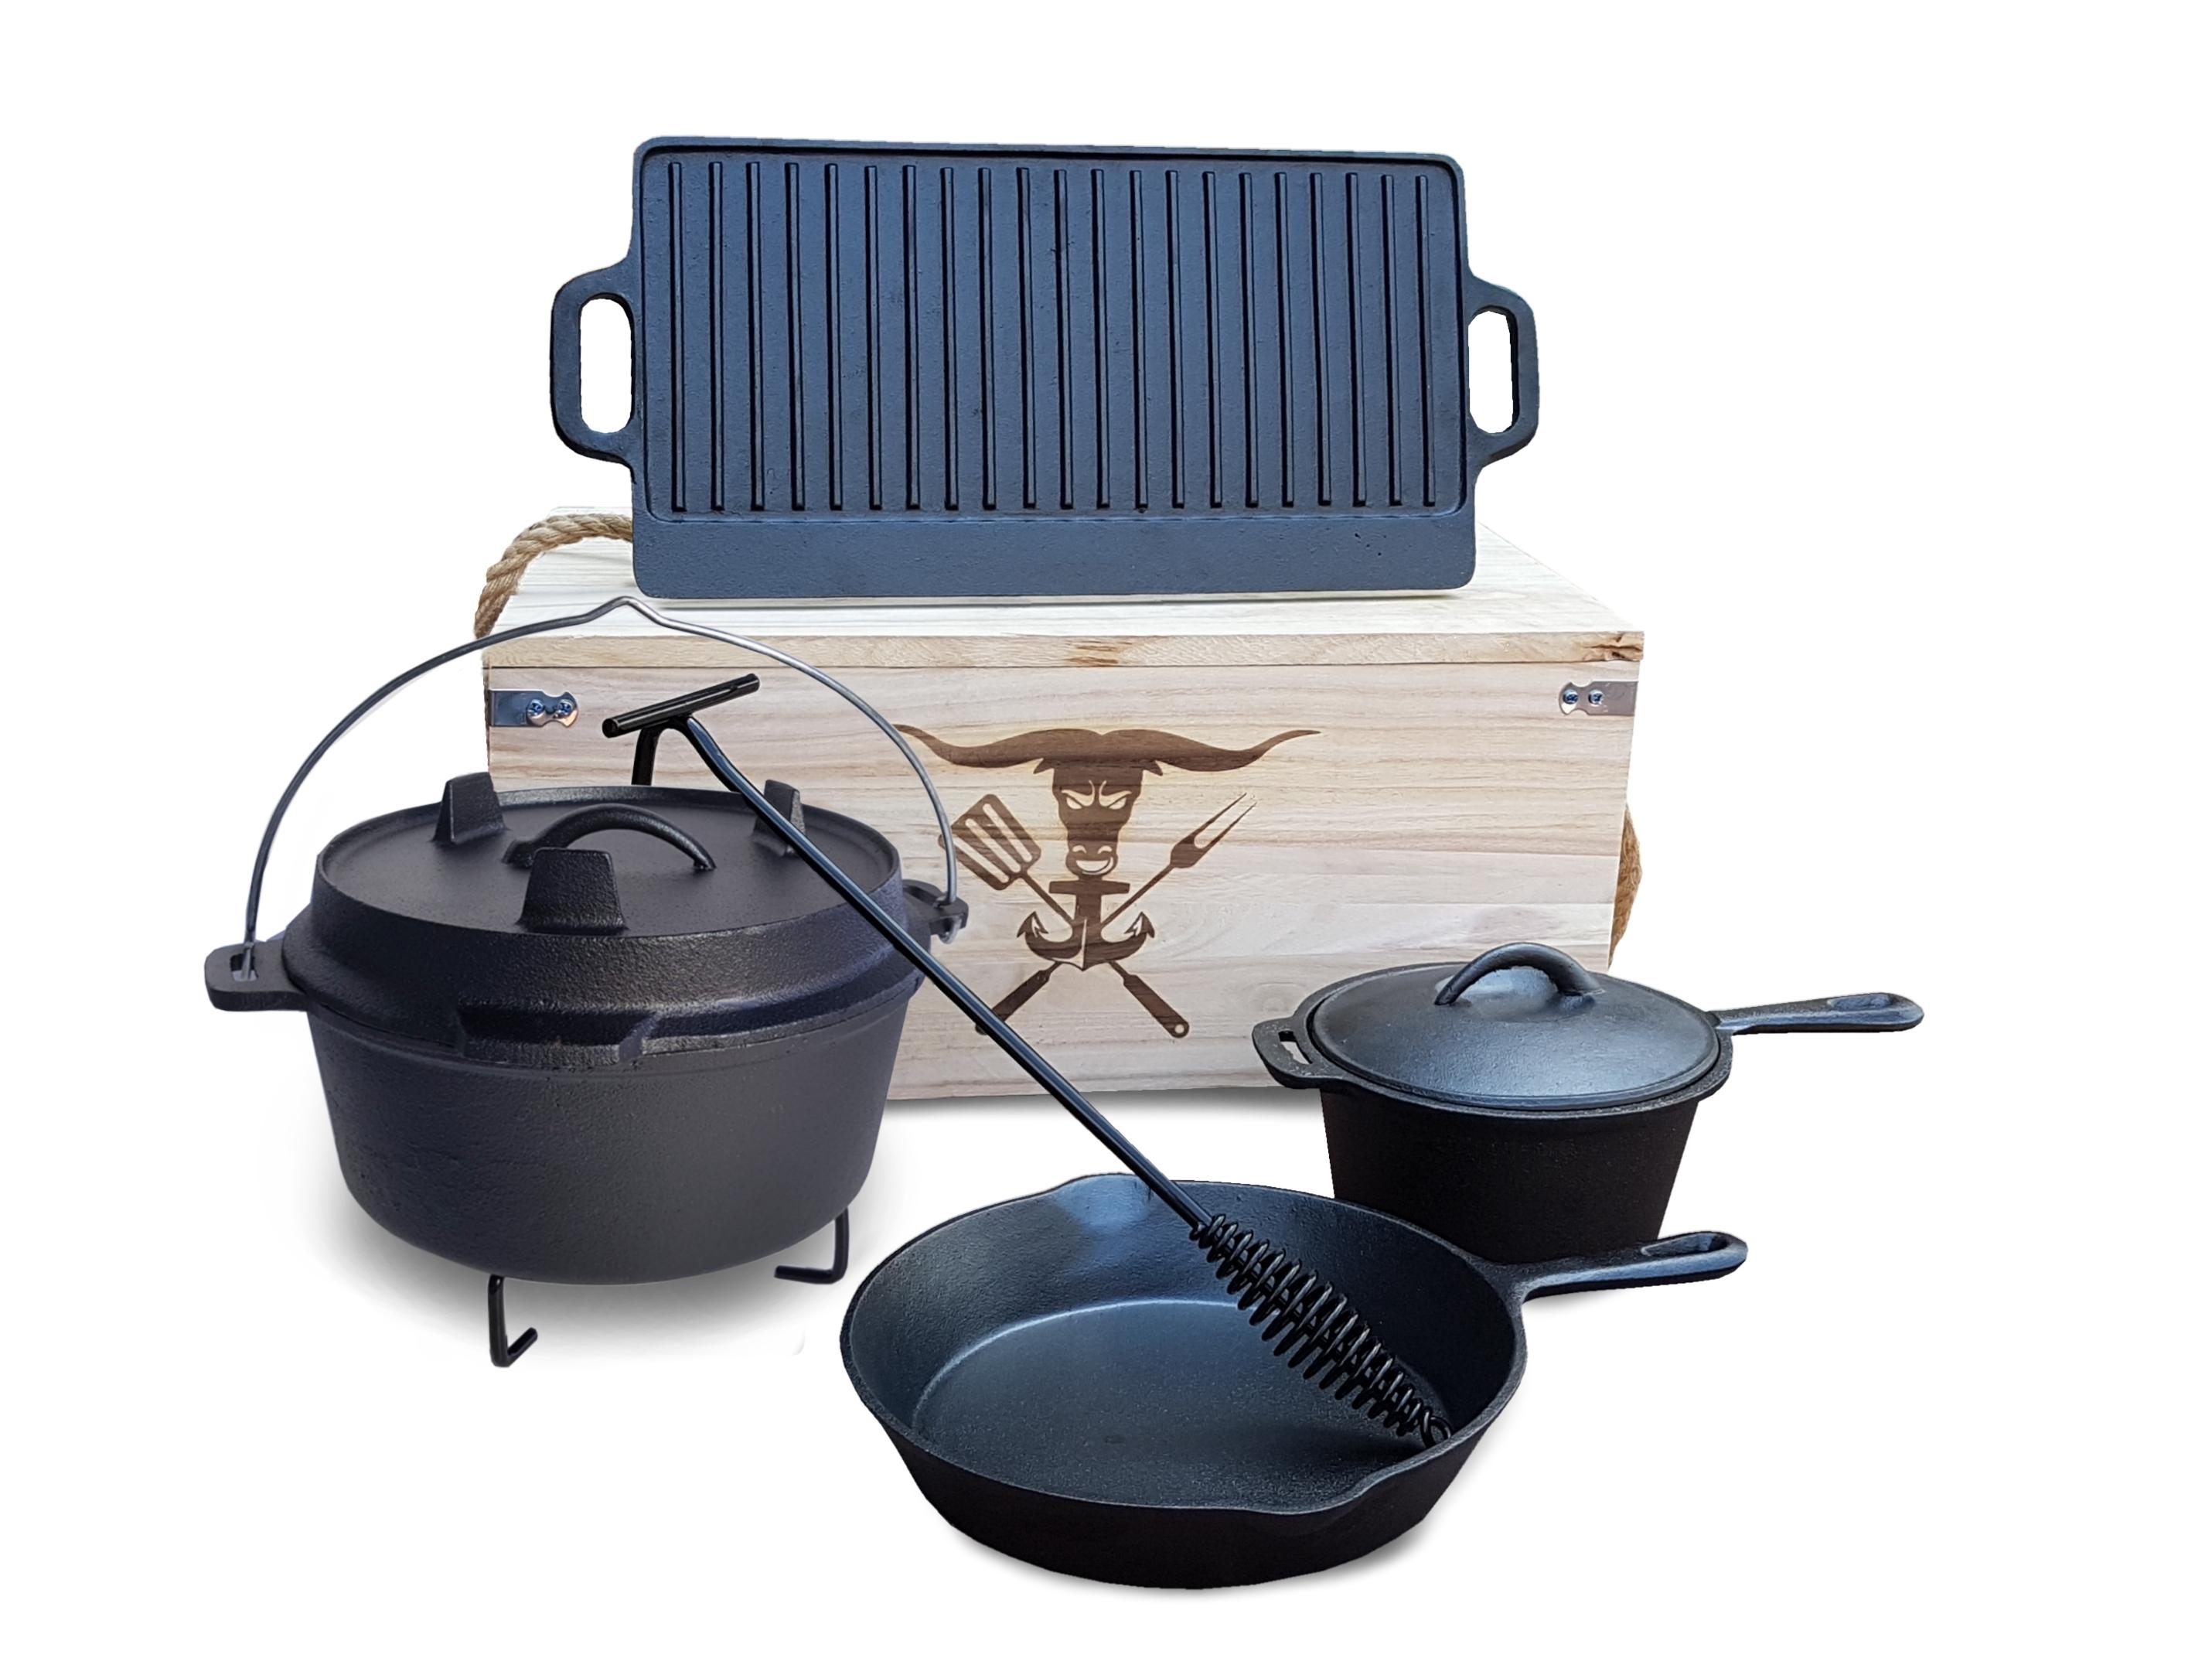 hausratplus dutch oven grill gusseisen 7 tlg set in geschenk holzkiste ebay. Black Bedroom Furniture Sets. Home Design Ideas